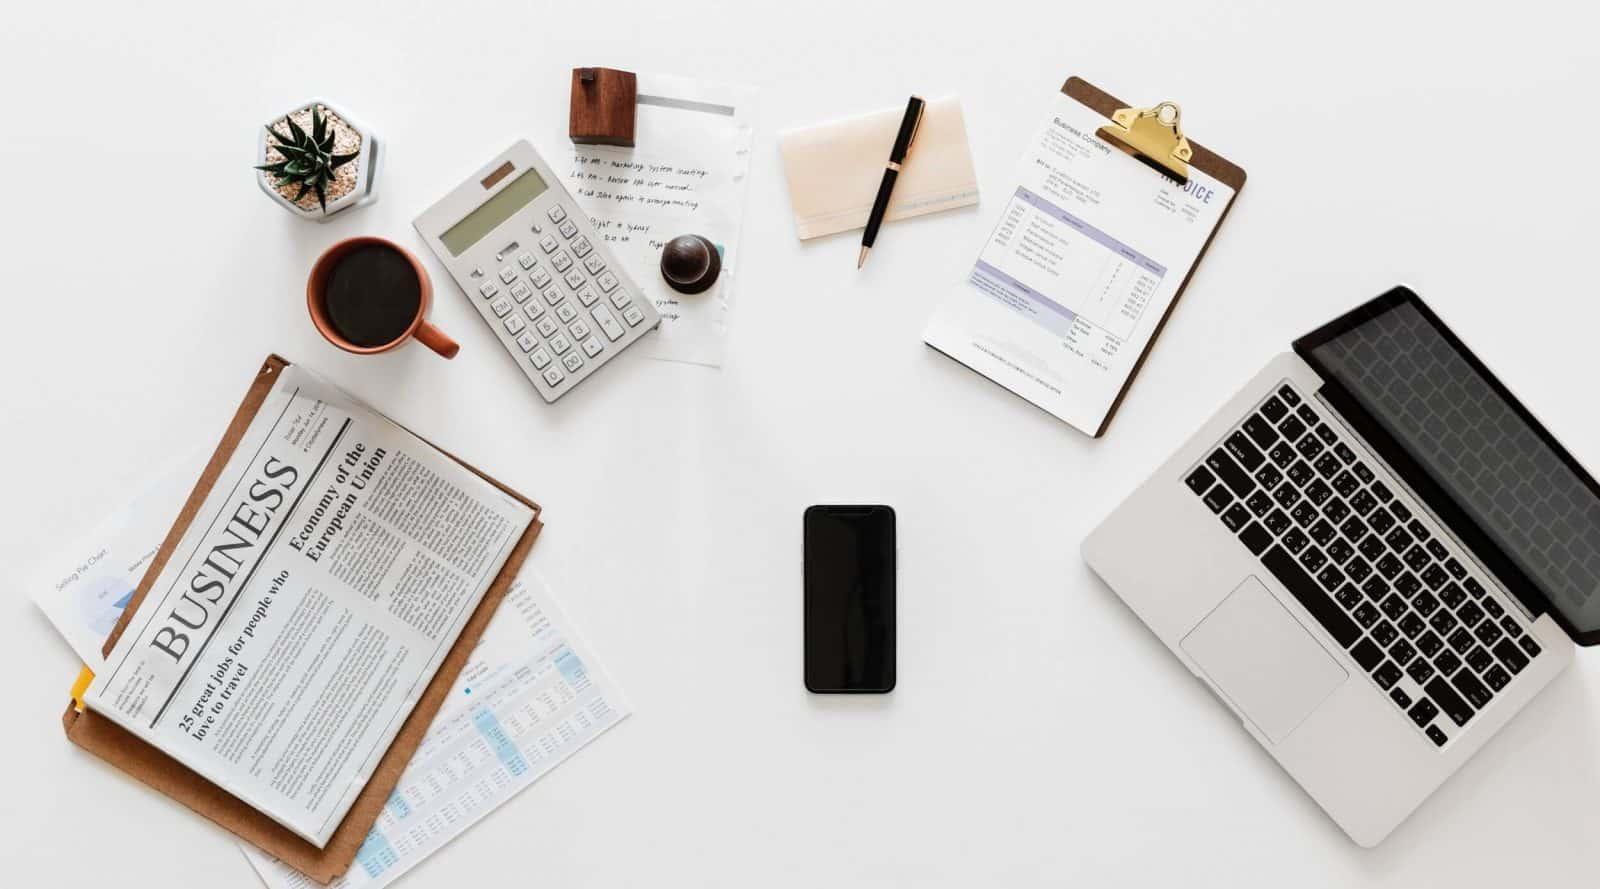 Usaha Sukses, Software Akuntansi, sukses bisnis, business, peluang bisnis, free accounting software, software accounting, gratis software accounting, accounting, akuntansi